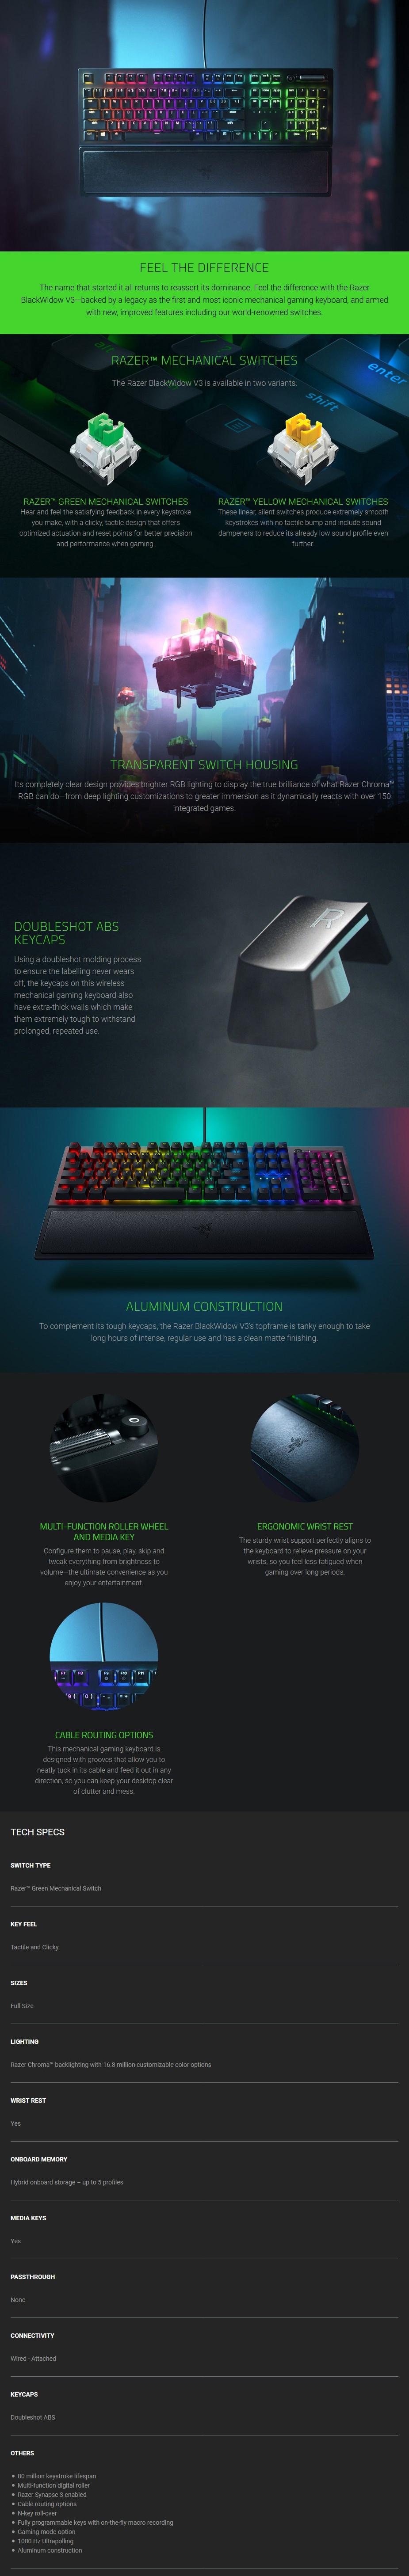 razer_blackwidow_v3_mechanical_gaming_keyboard_green_switches_ac39696_2.jpg